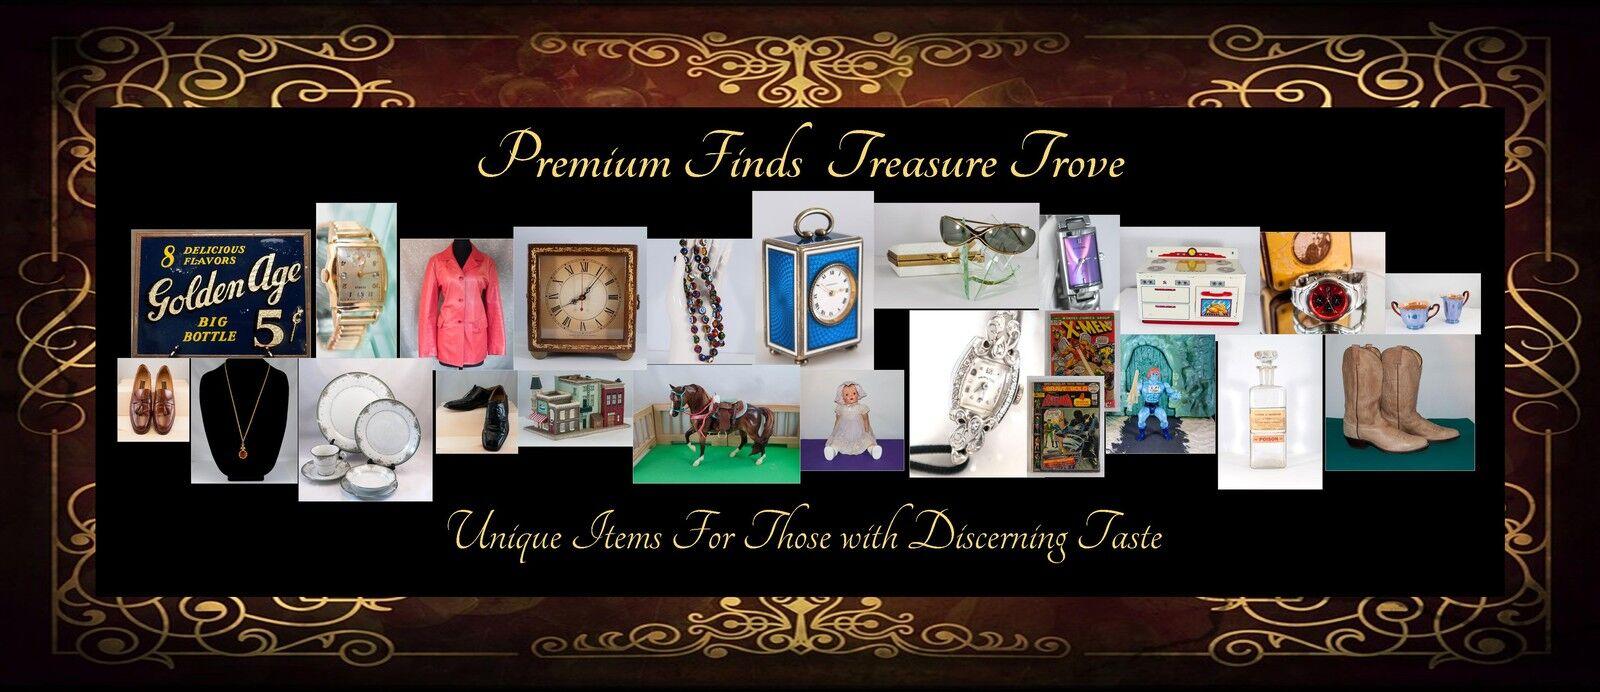 Premium Finds Treasure Trove